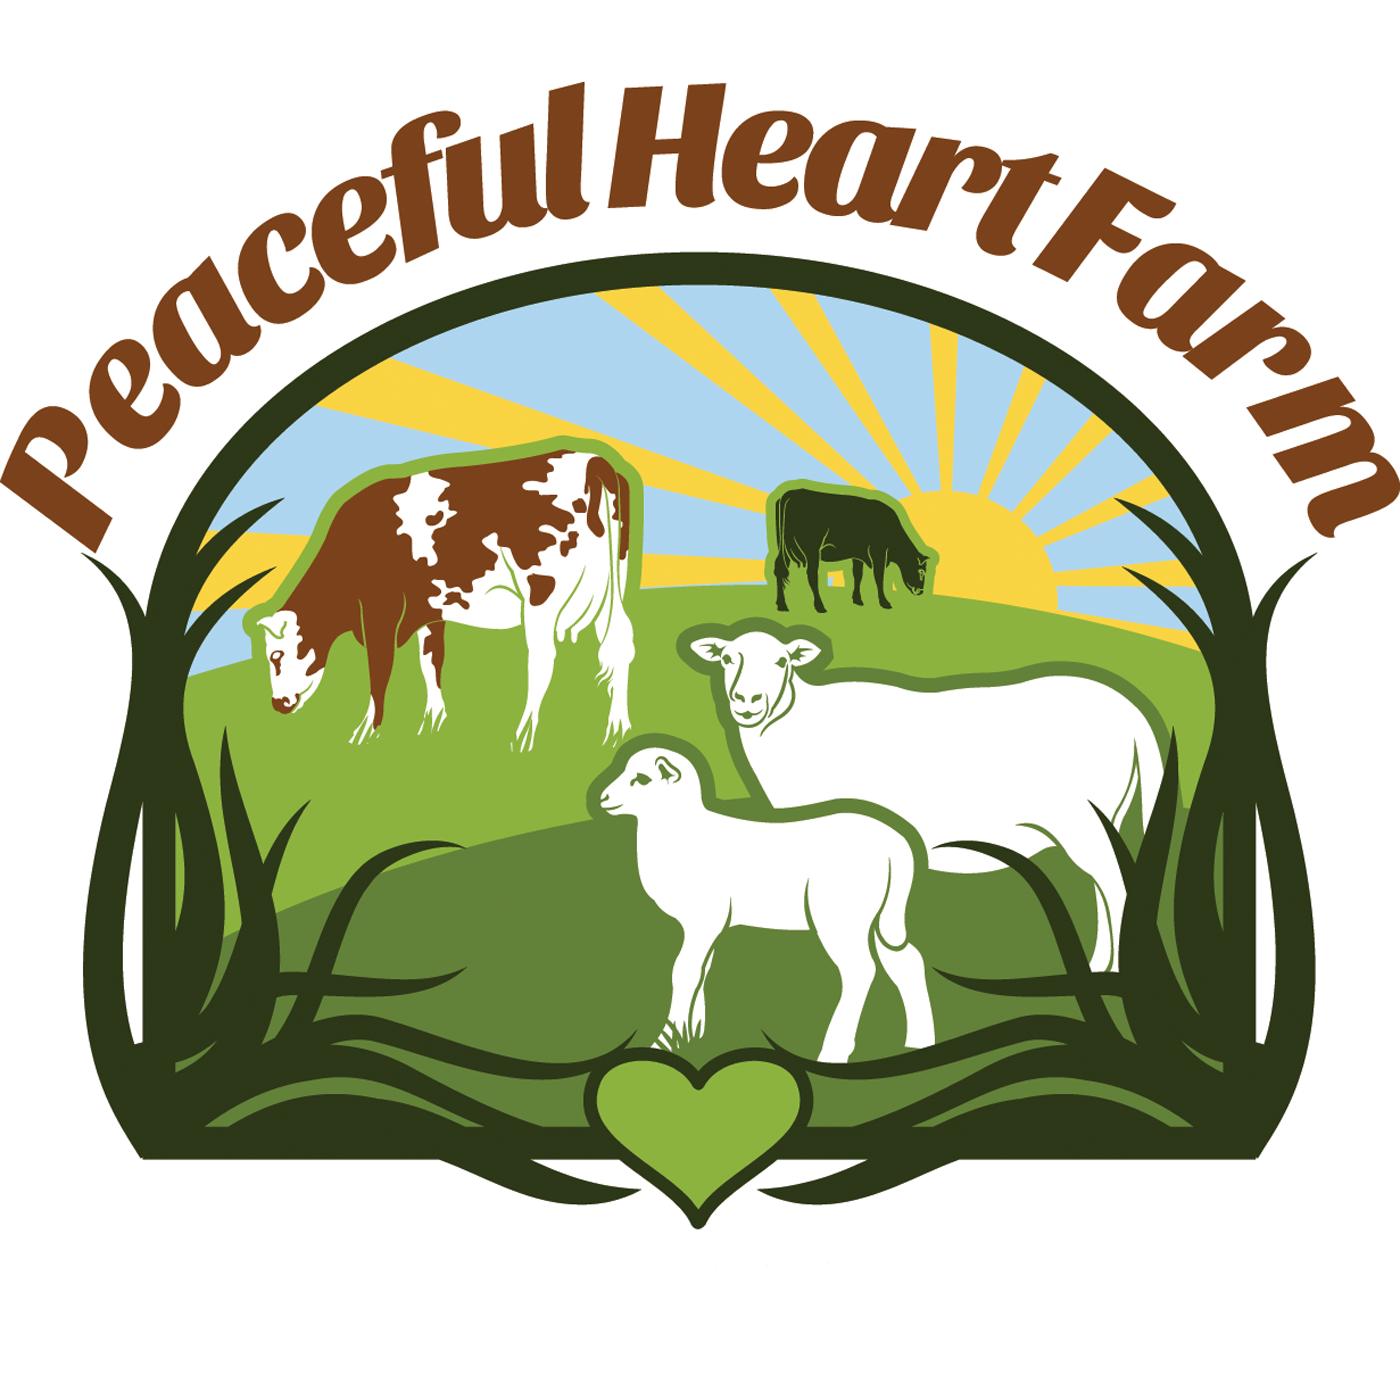 Peaceful Heart Farm